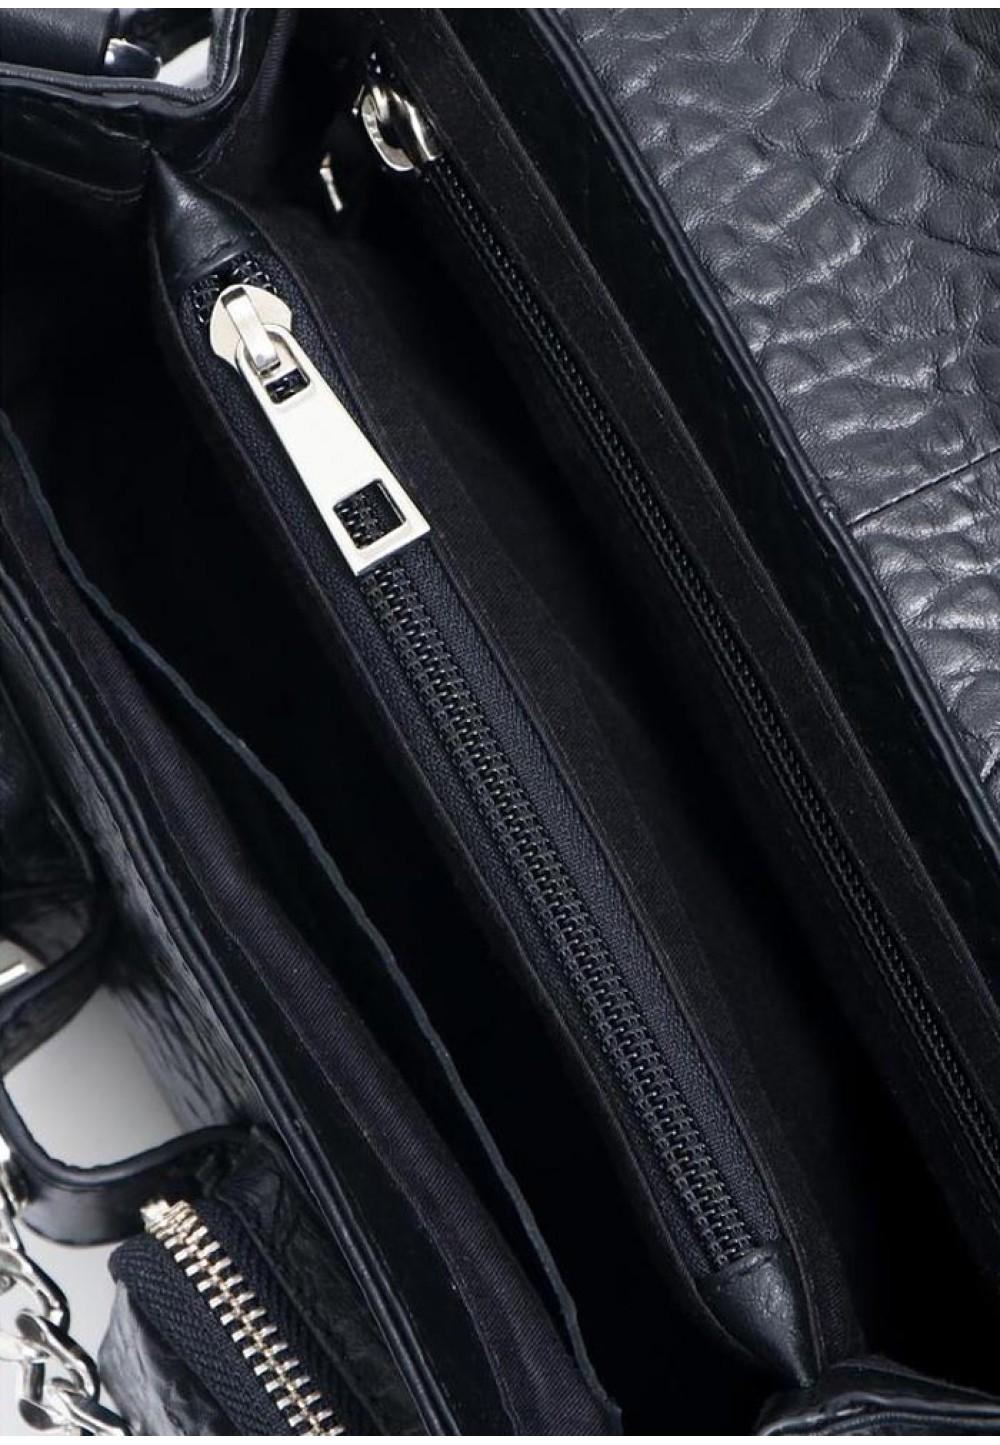 Компактна чорна сумка Honey new zealand